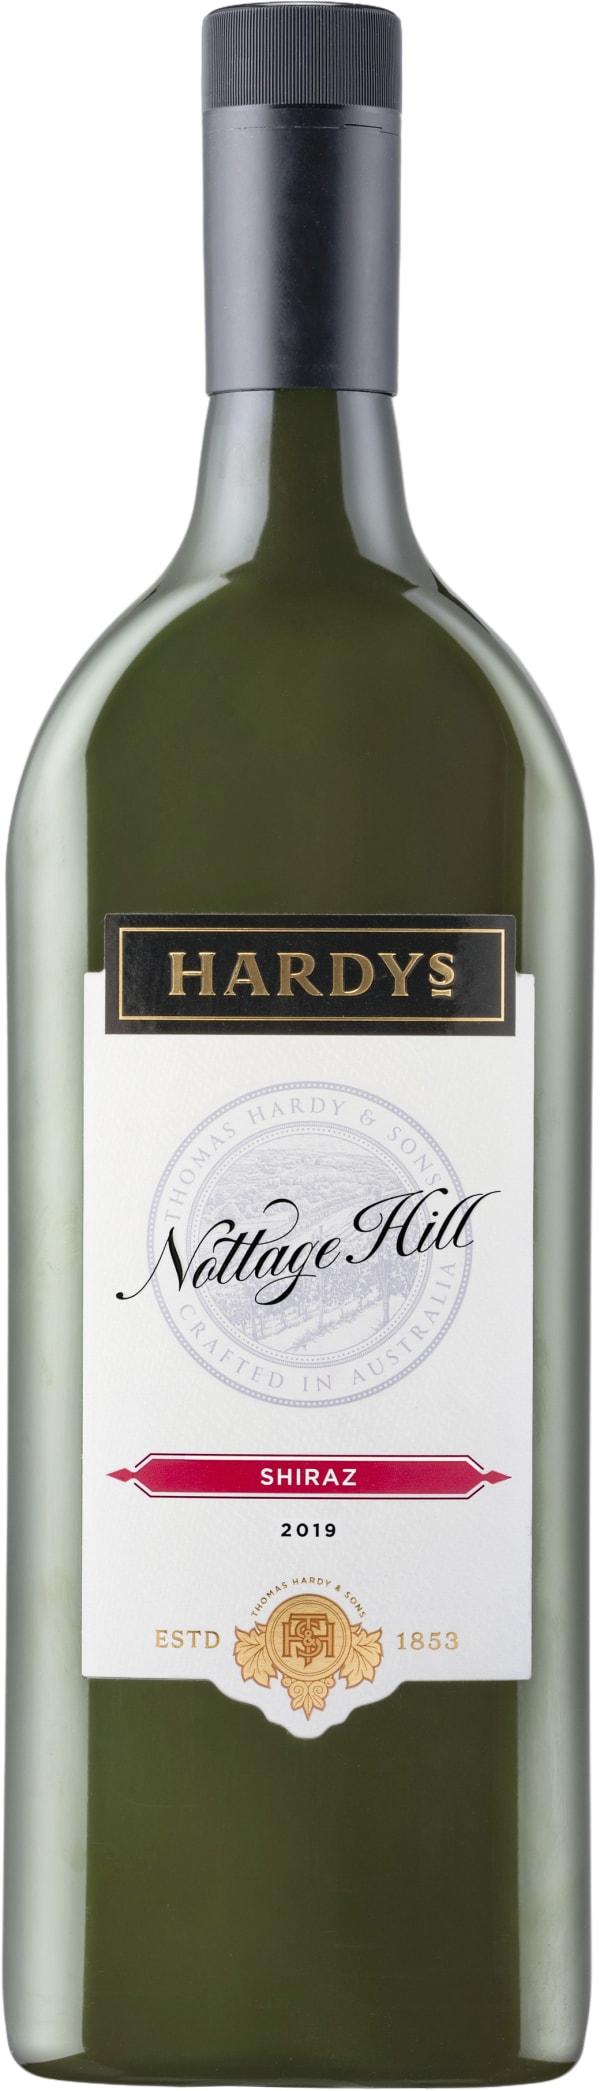 Hardys Nottage Hill Shiraz 2019 plastic bottle